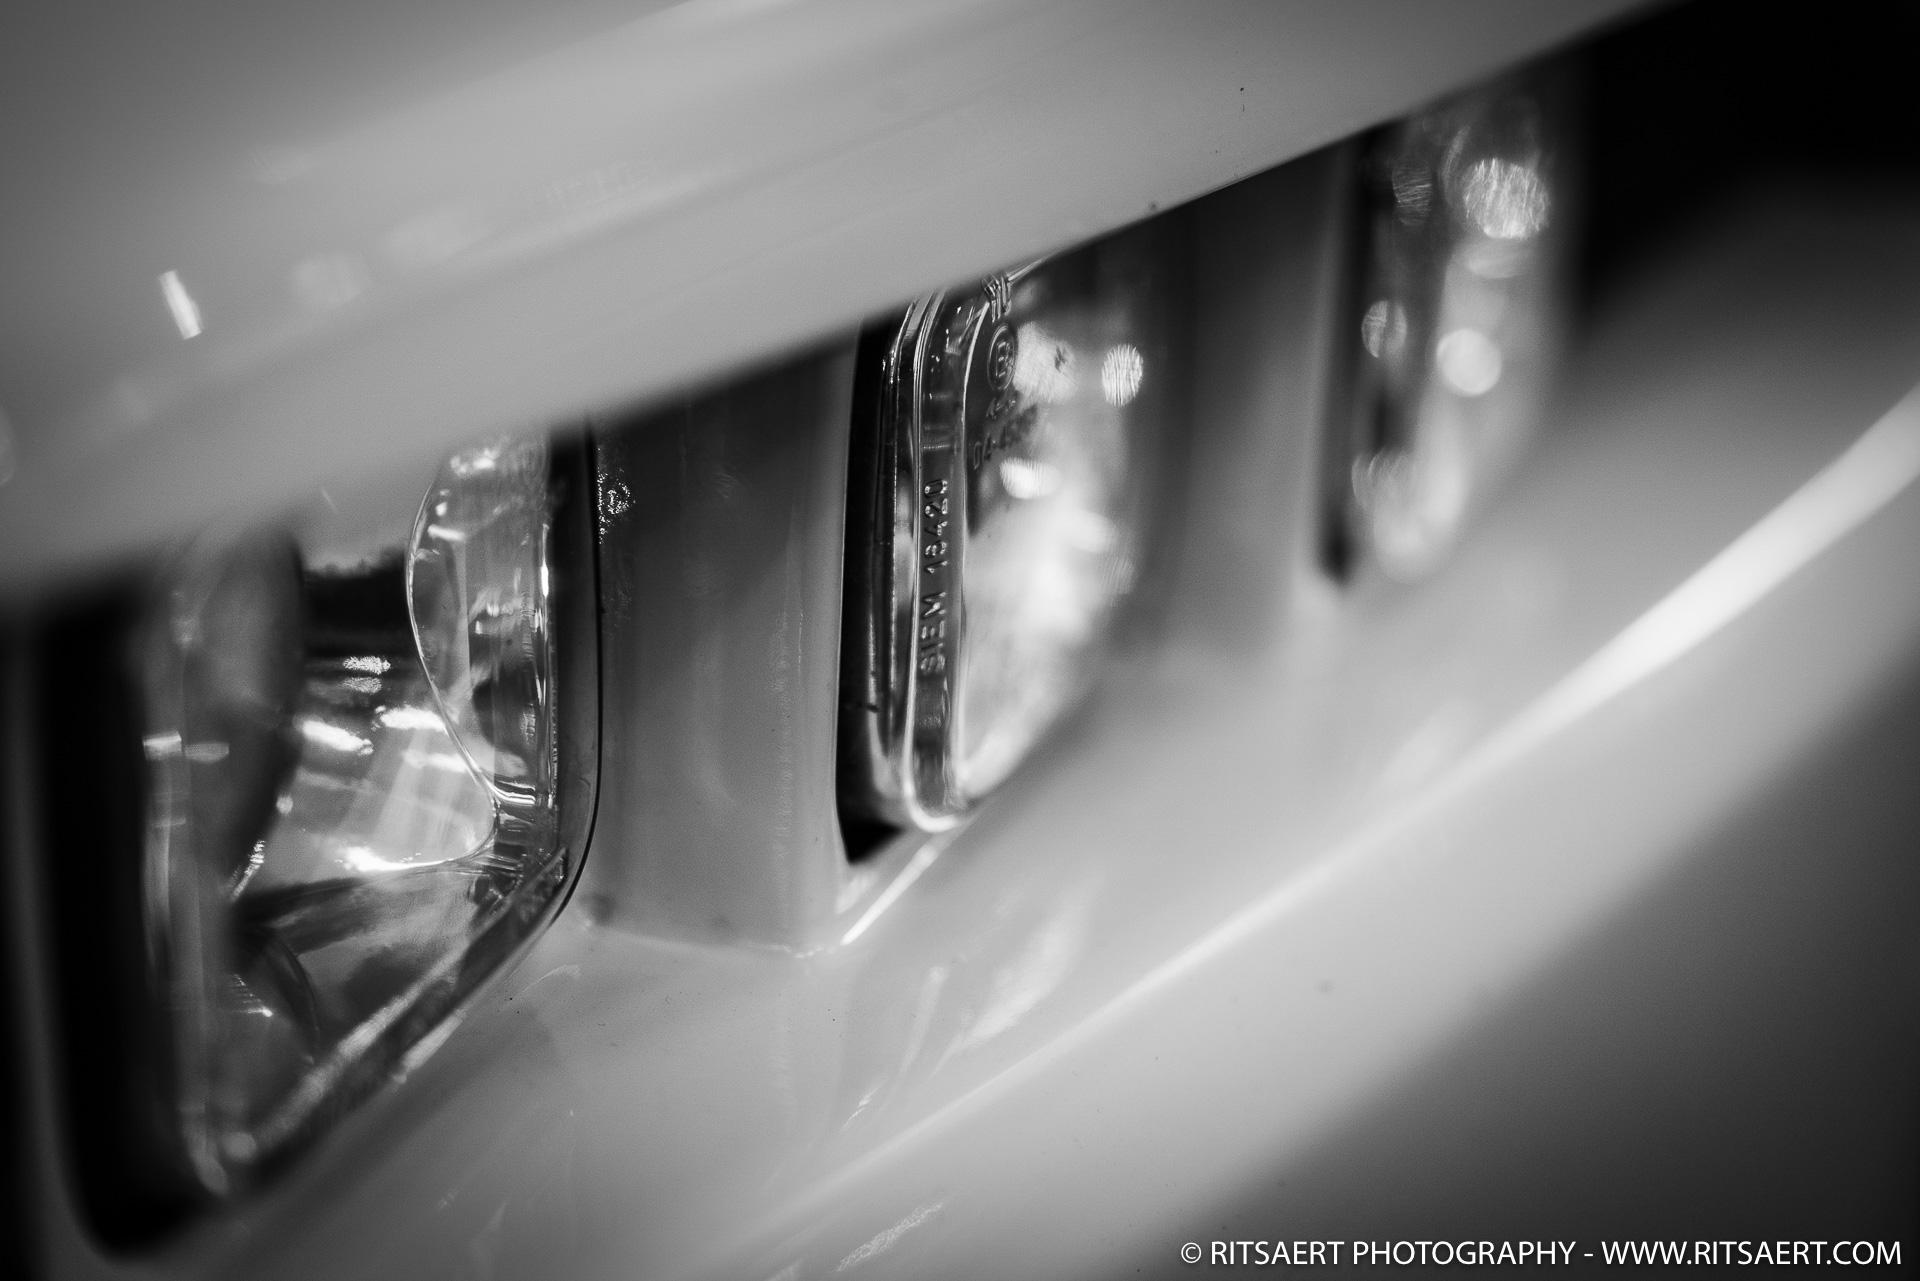 Alfa SZ - Car details